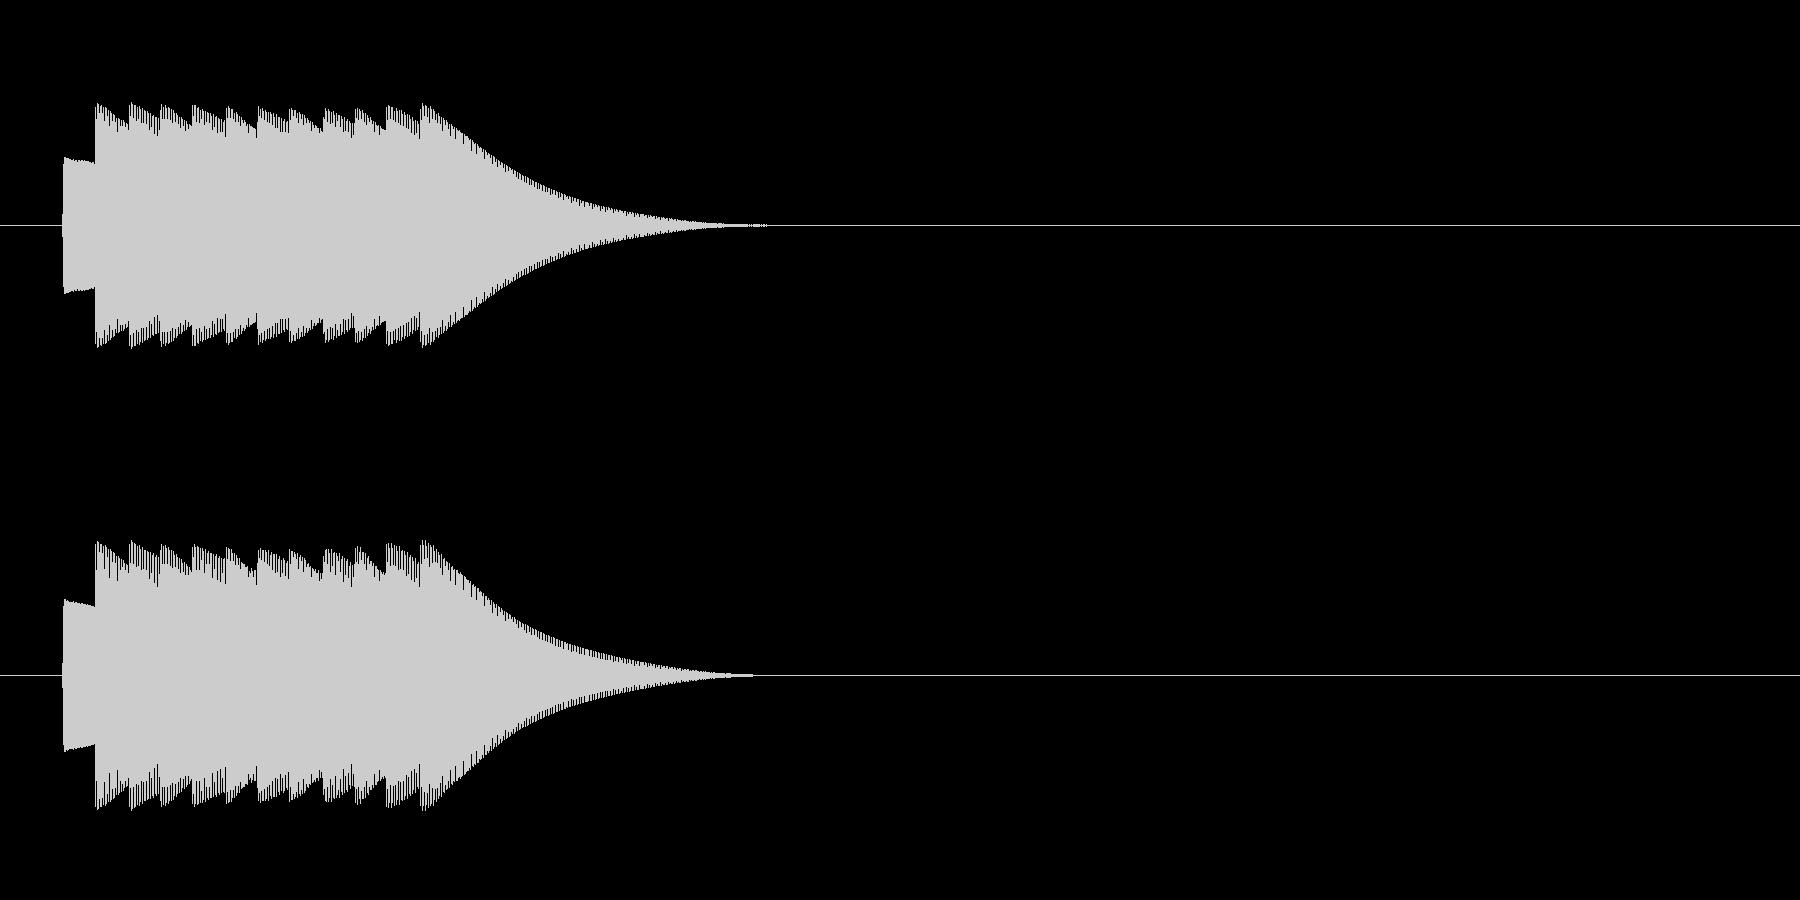 クイズの効果音 正解 ピンポン複数回の未再生の波形